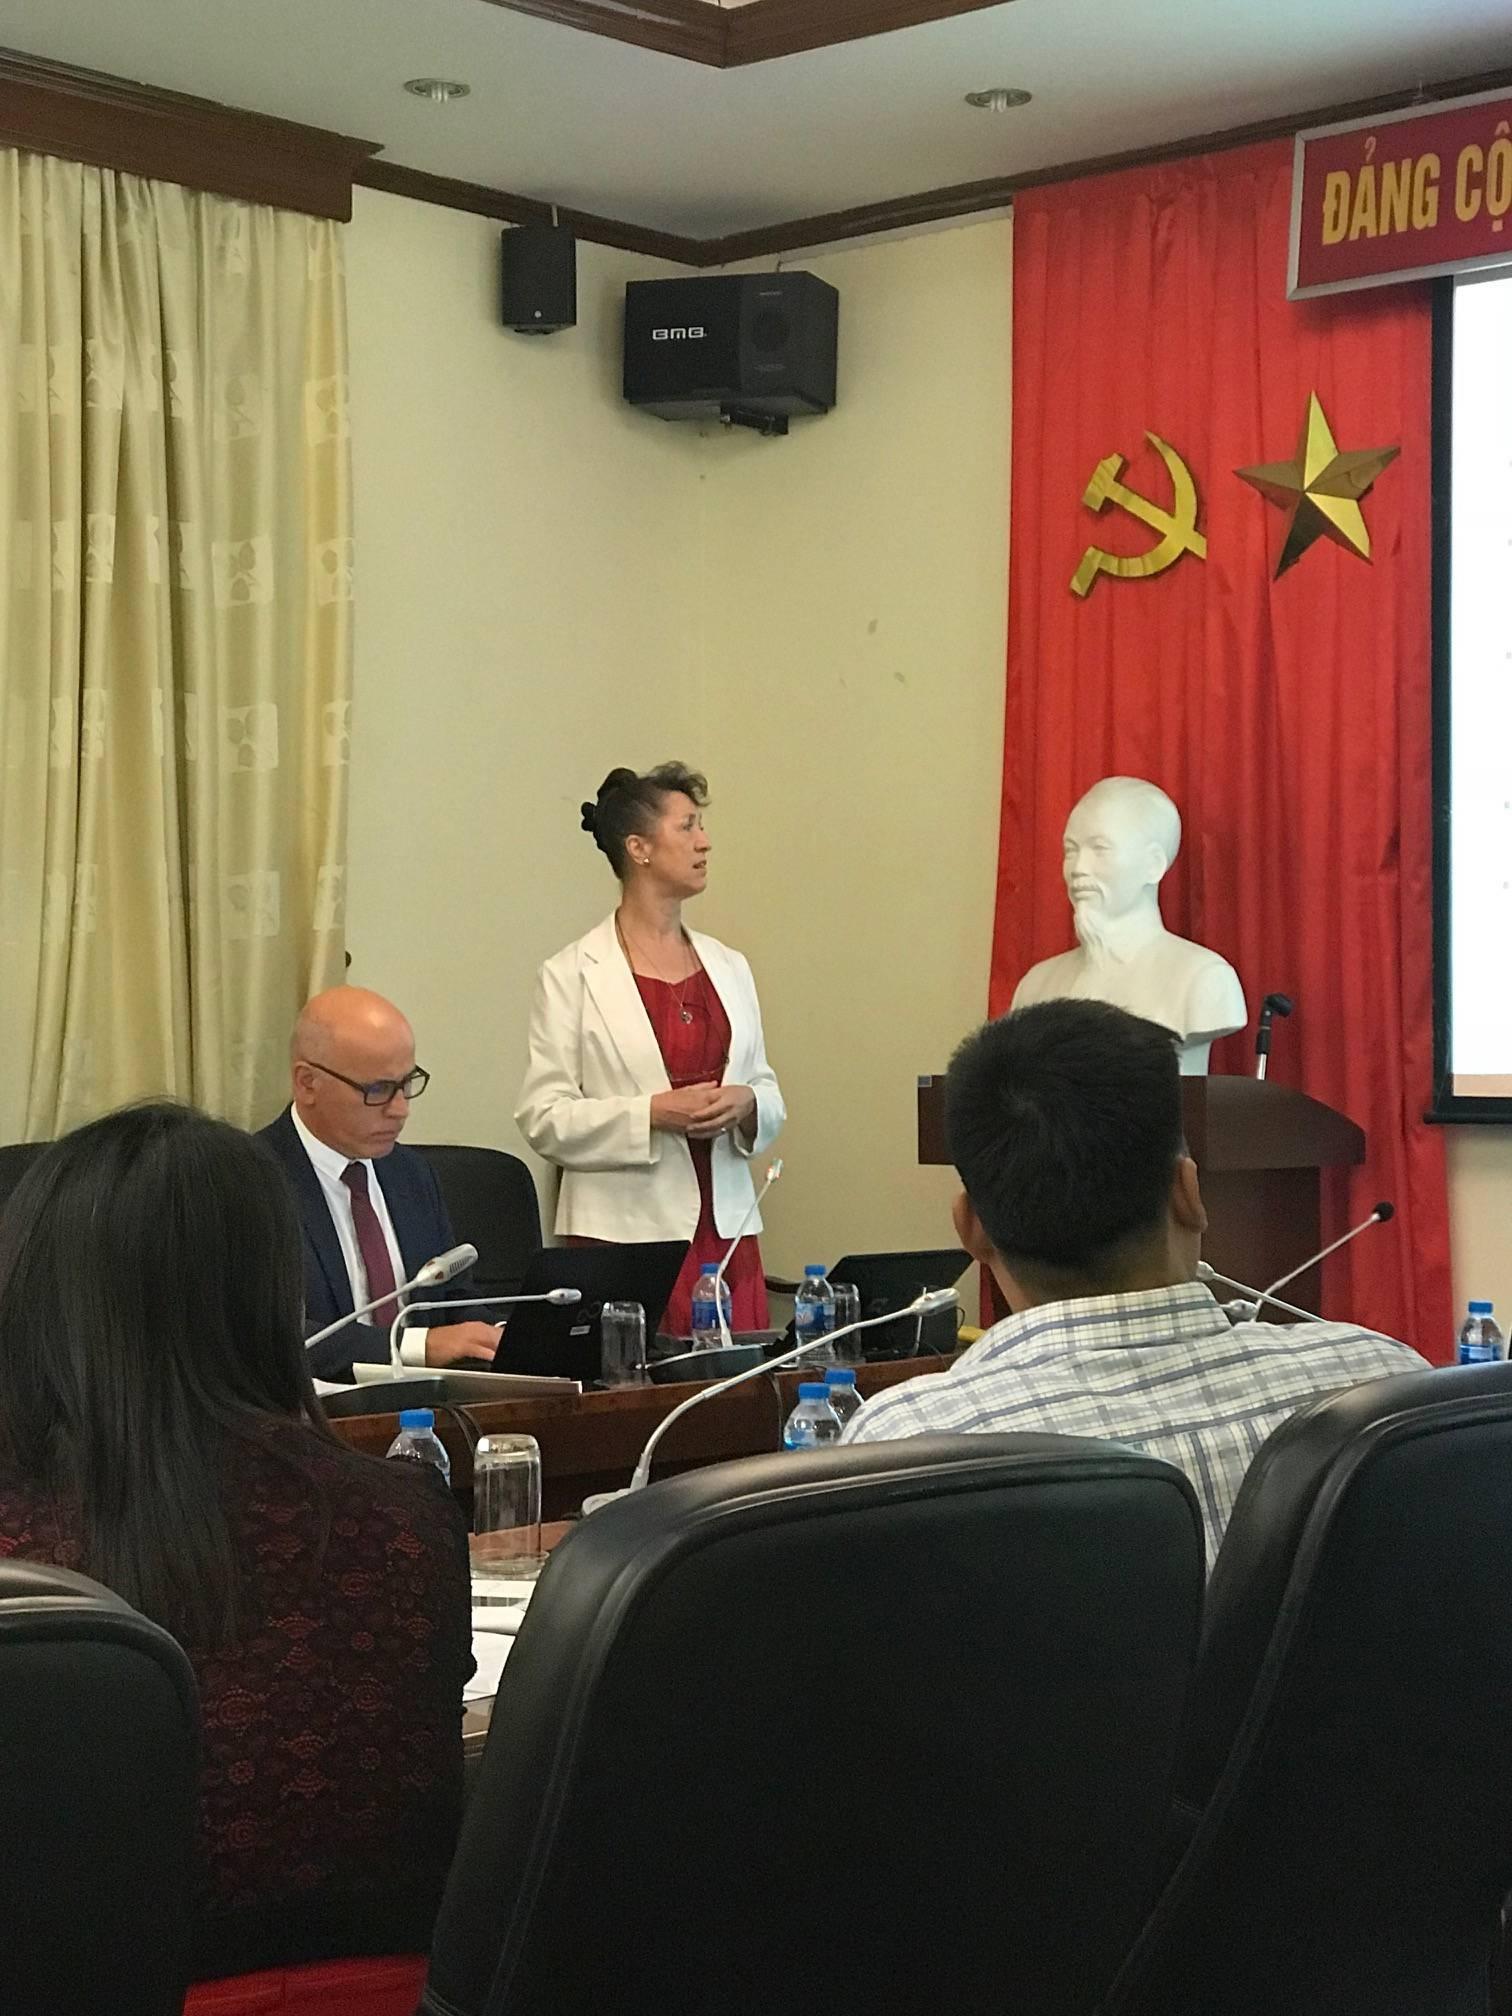 Ho Či Min, srpy a kladiva a rudé vlajky jsou všudypřítomné. Foto: Marie Dufková